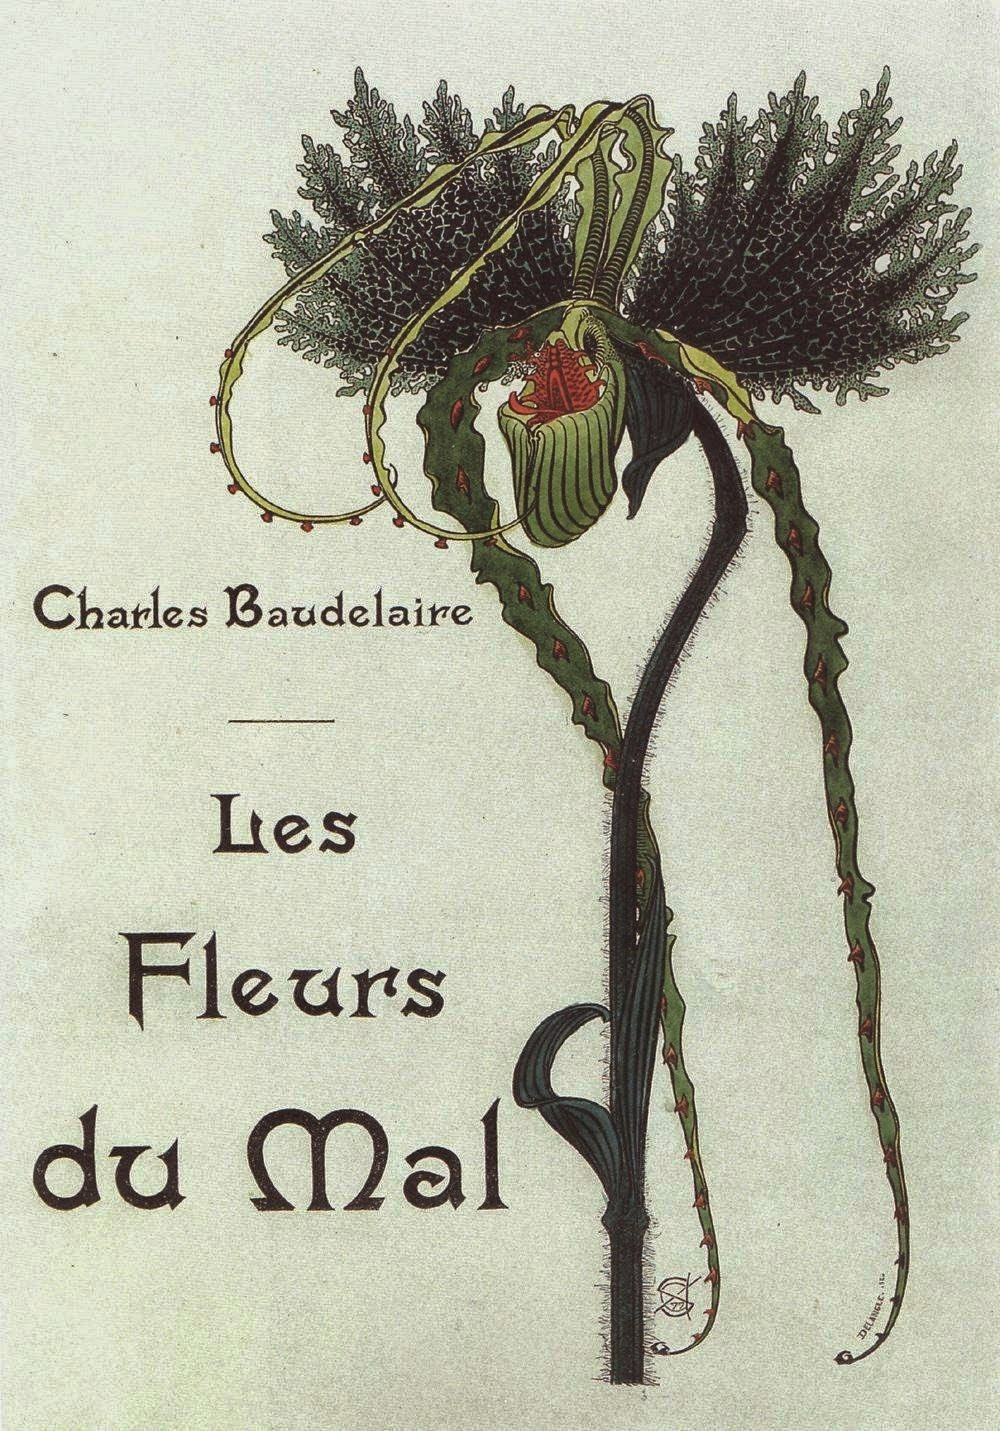 Las flores del mal 12 poemas esta parte da su nombre a la colecci n sin embargo es mucho m s corto que spleen e ideal baudelaire una vez m s trato de